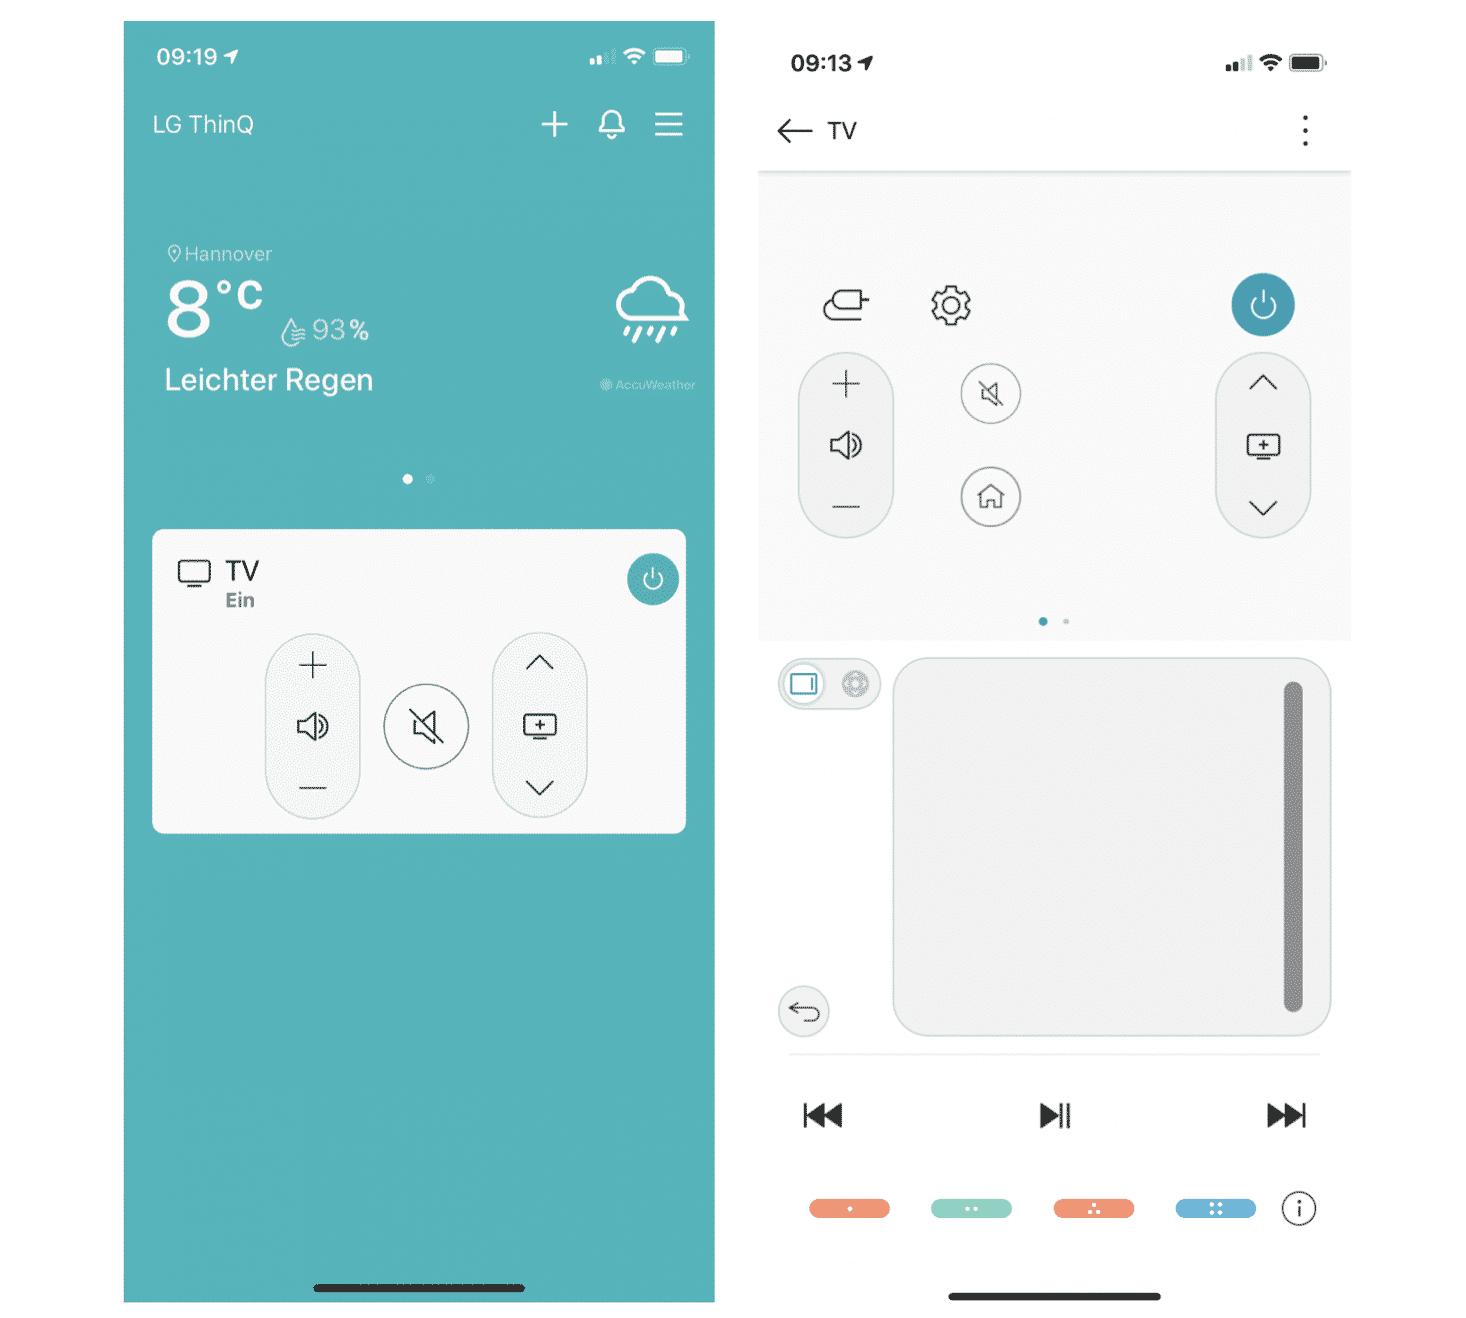 """Hat man in der """" LG ThinQ""""-App seinen Fernseher registriert, erscheint auf der Startseite eine Mini-Fernbedienung (linkes Bild). Tippt man bei dieser auf die weiße Fläche, gelangt man auf eine größere virtuelle Fernbedienung (rechtes Bild), auf der unten links der Info-Button zu finden ist."""